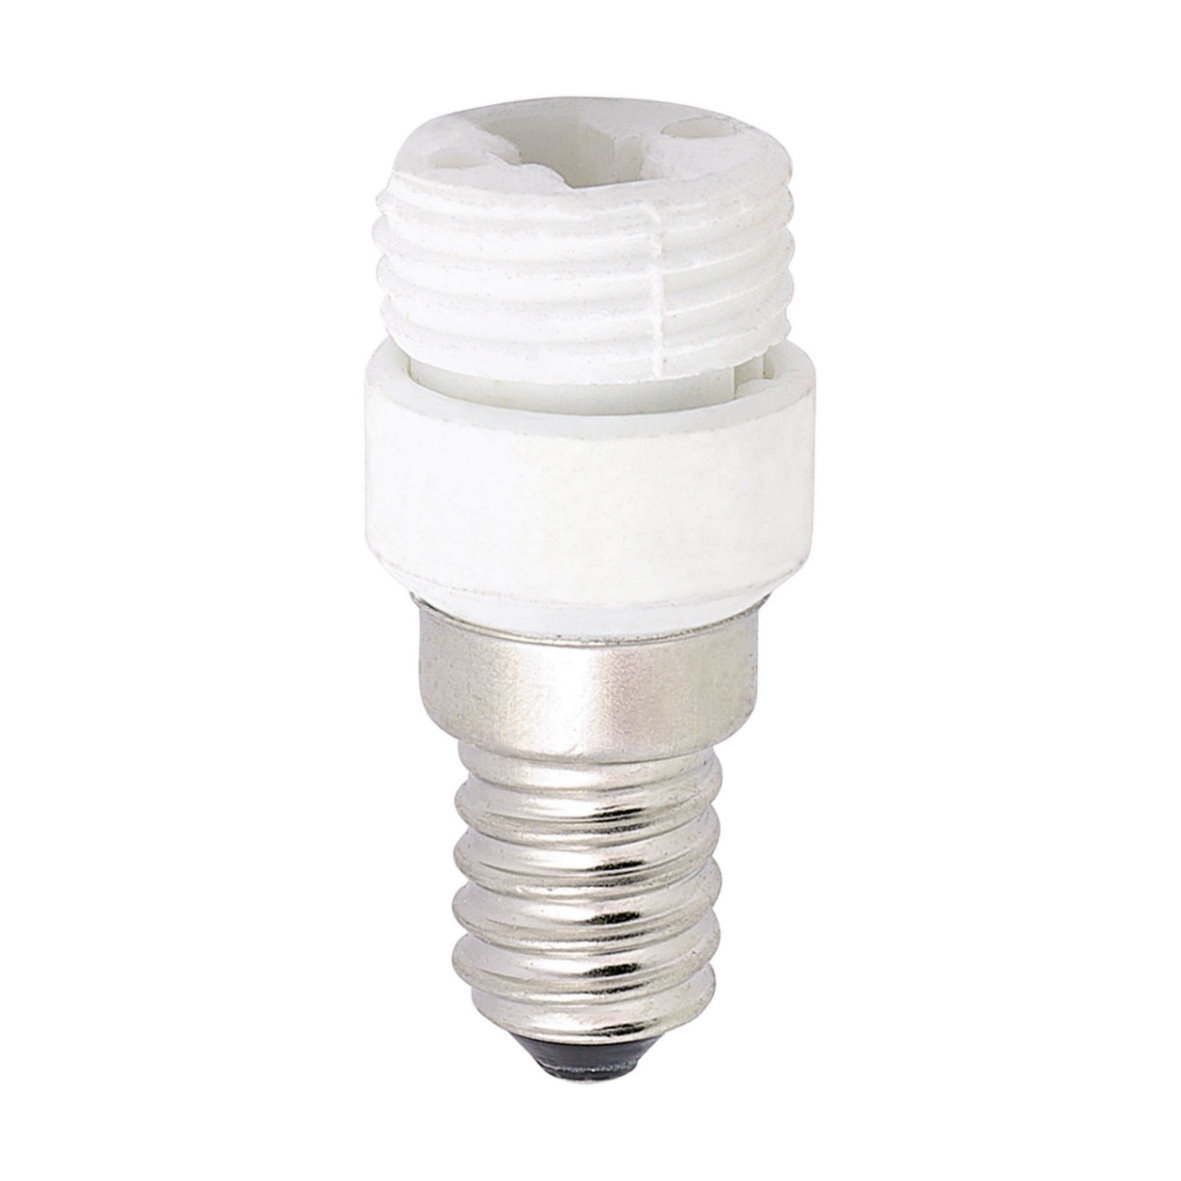 lampensockel adapter e27 auf e14